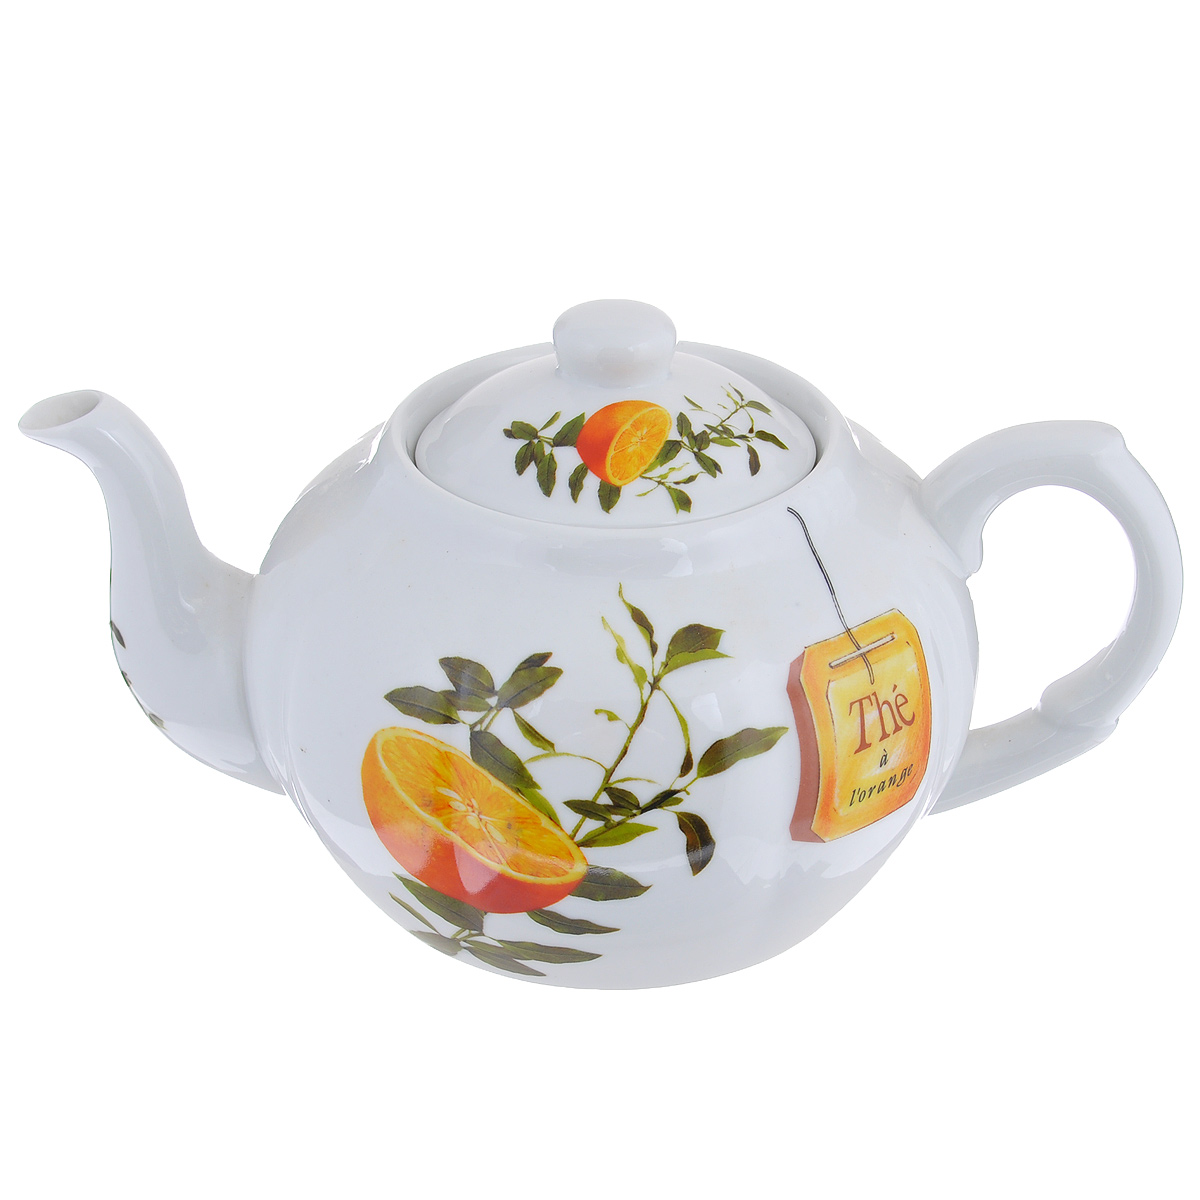 Чайник заварочный Larange Апельсин, 1 л115510Чайник Larange Апельсин выполнен из высококачественного фарфора. Чайник декорирован изображением апельсинов. Чайник Larange Апельсин предназначен для заваривания чая. Элегантный дизайн и совершенные формы чайника привлекут к себе внимание и украсят интерьер вашей кухни. Чайник Larange Апельсин будет не только прекрасным украшением вашего стола, но и отличным подарком к любому празднику. Не использовать в микроволновой печи. Не применять абразивные чистящие вещества. Диаметр чайника по верхнему краю: 8,5 см.Высота чайника: 9,5 см.Диаметр дна чайника: 9 см. Длина чайника (с учетом ручки и носика): 23 см.